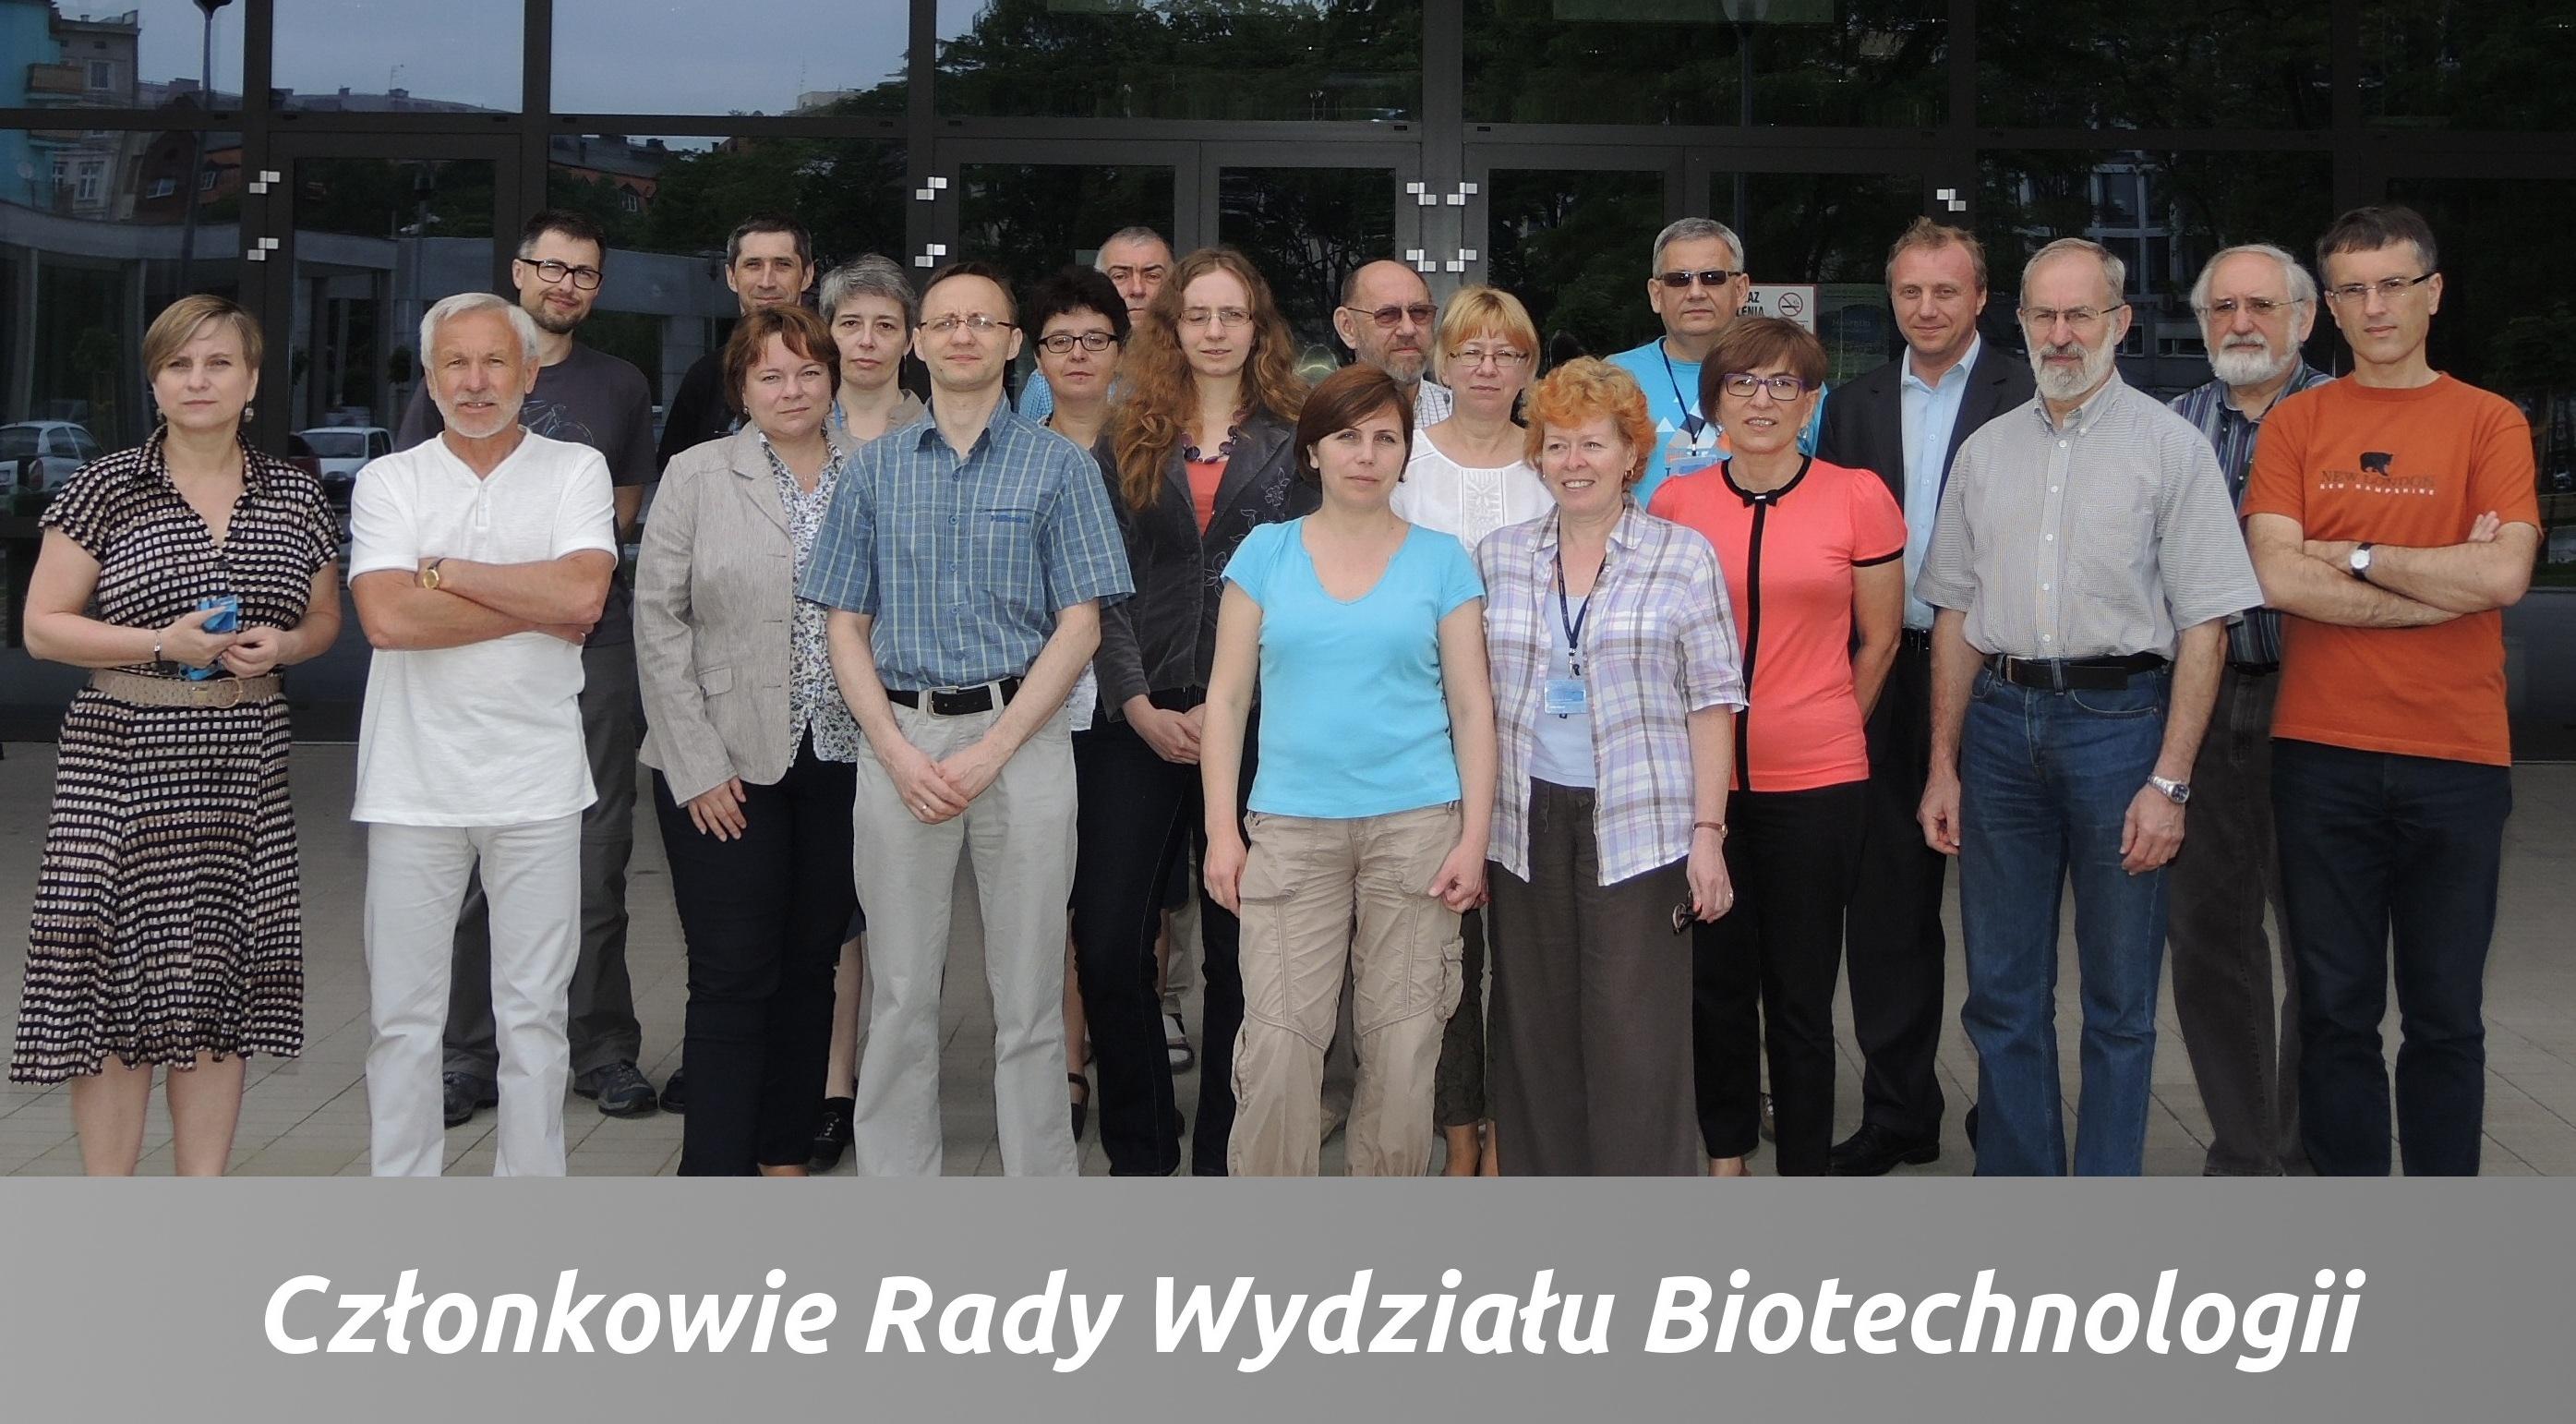 Skład Rady Wydziału Biotechnologii